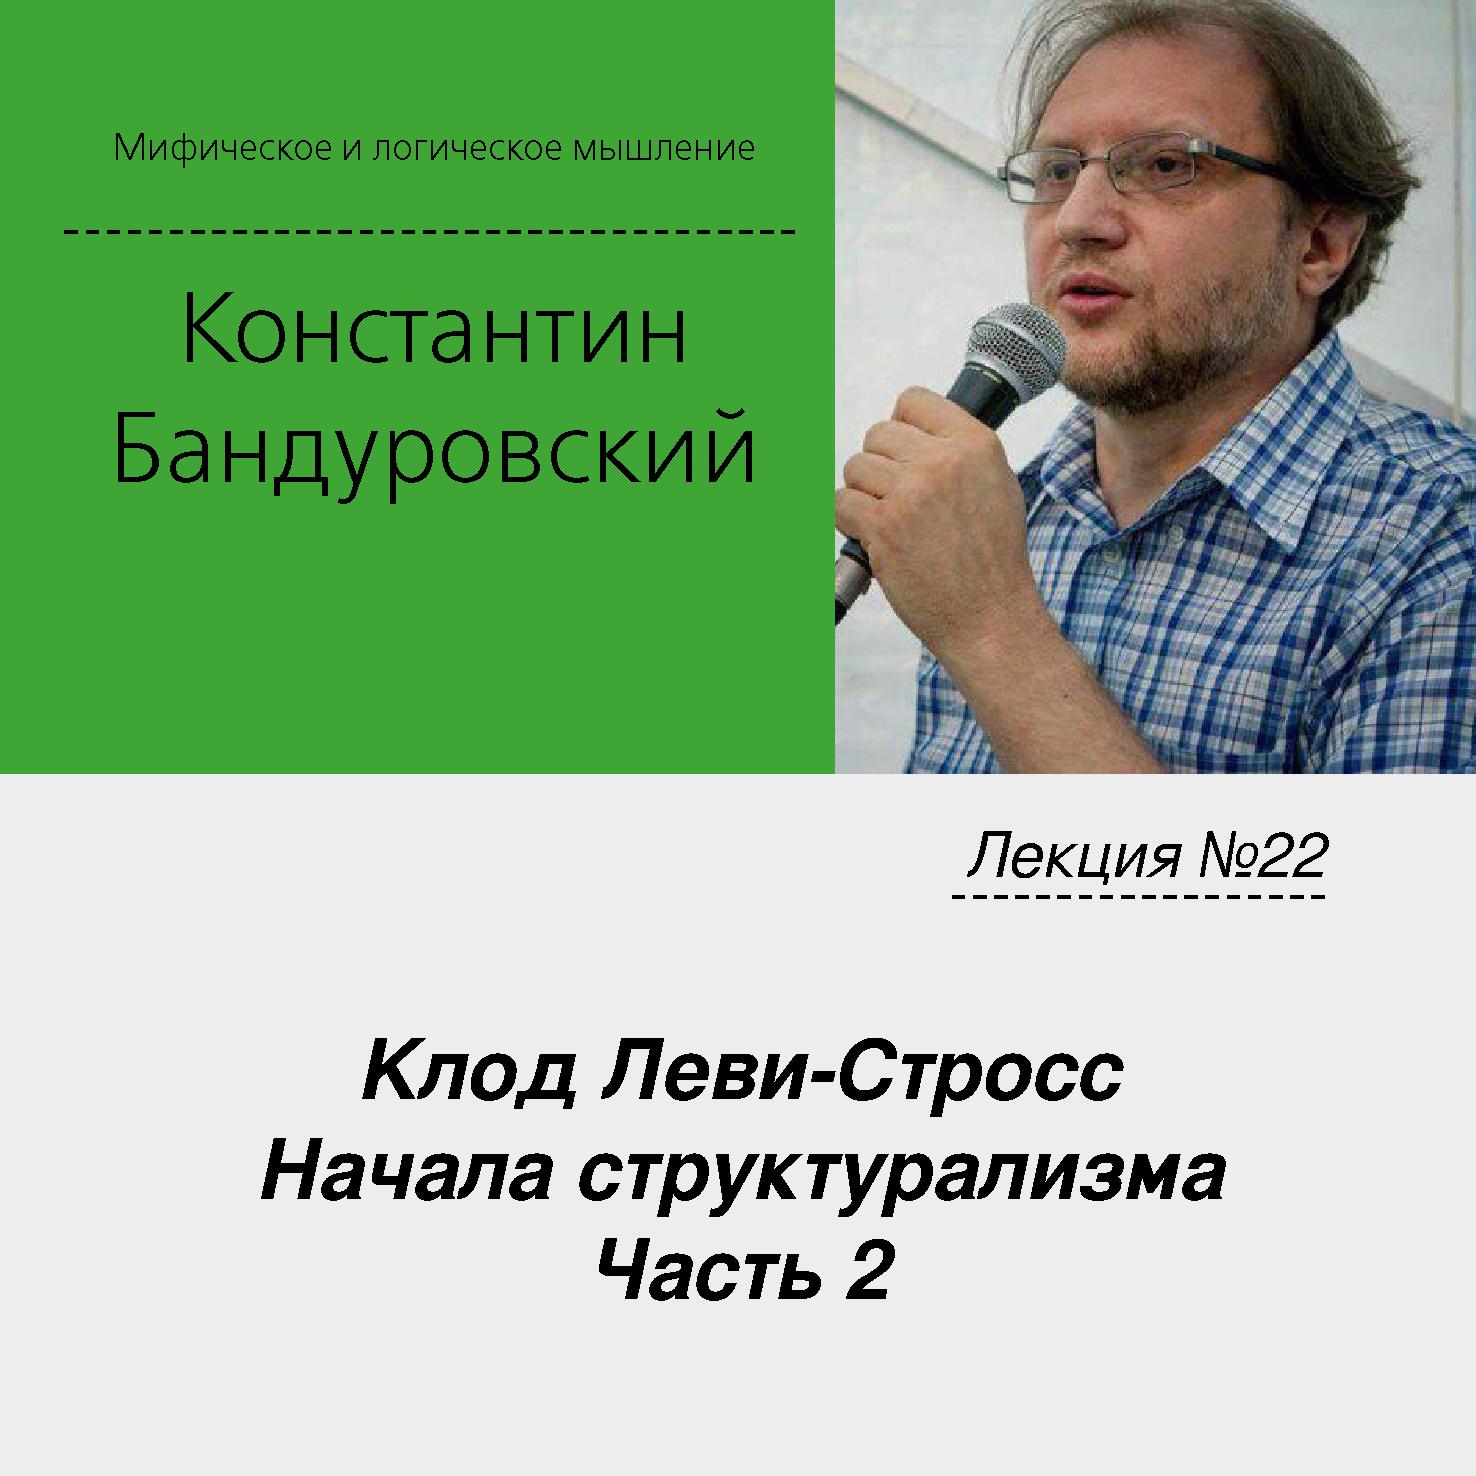 Константин Бандуровский Лекция №22 «Клод Леви-Стросс. Начала структурализма. Часть 2»